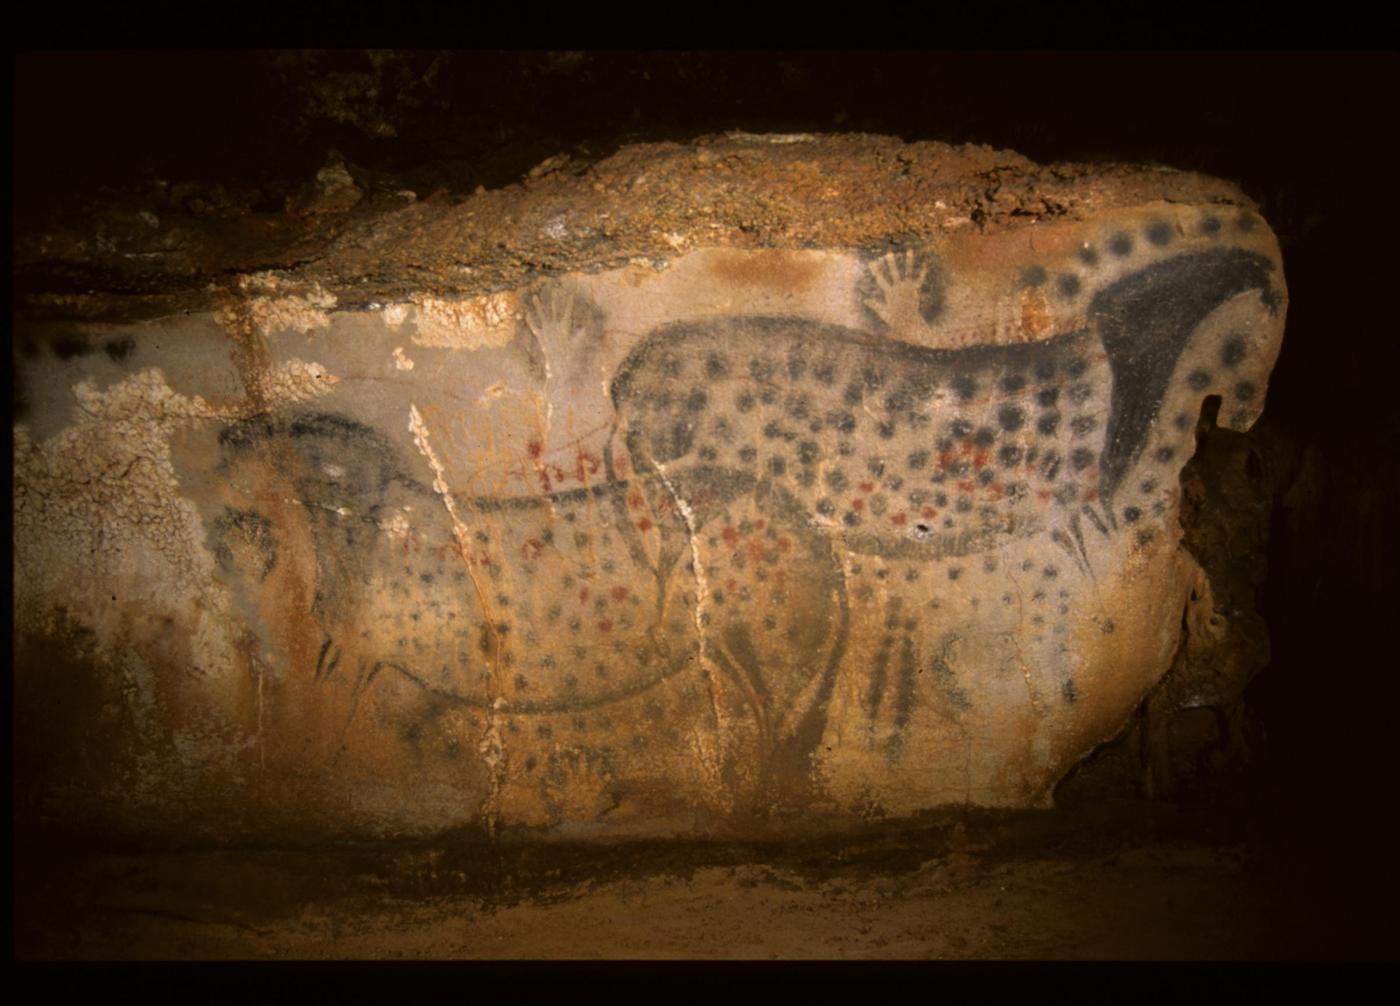 Cavalli a pois, dipinti realistici nelle grotte del paleolitico